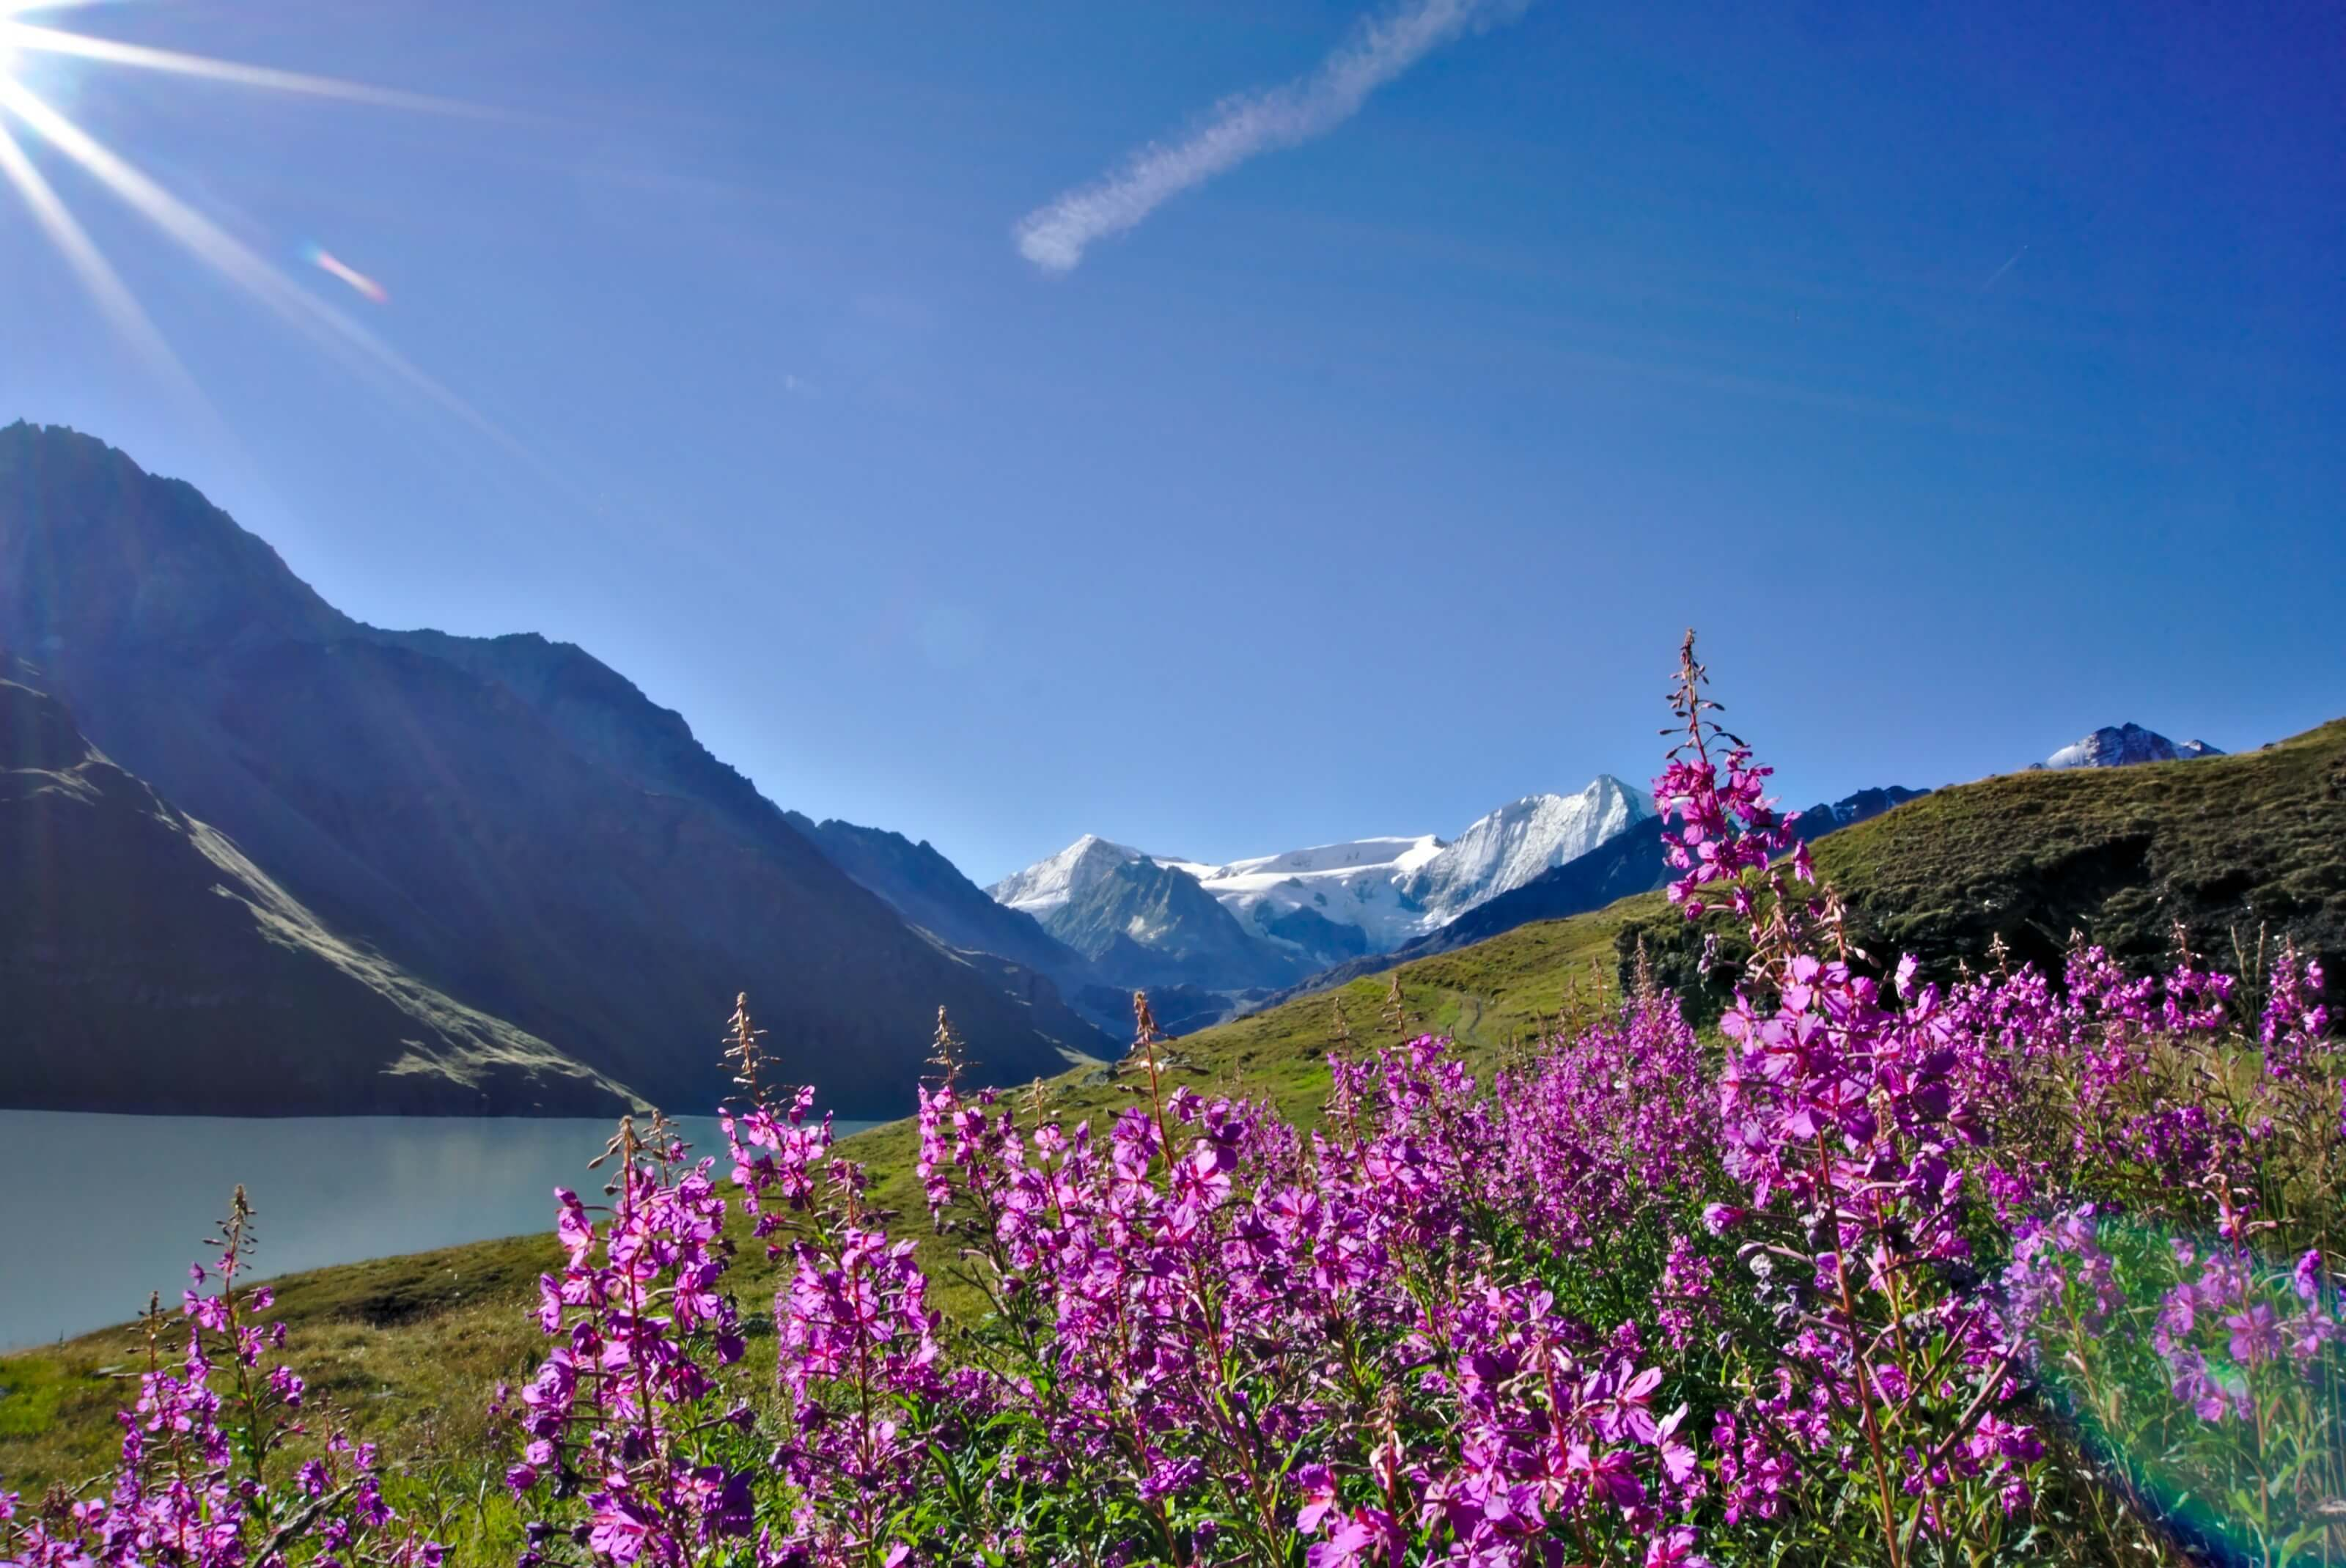 randonnée valais suisse